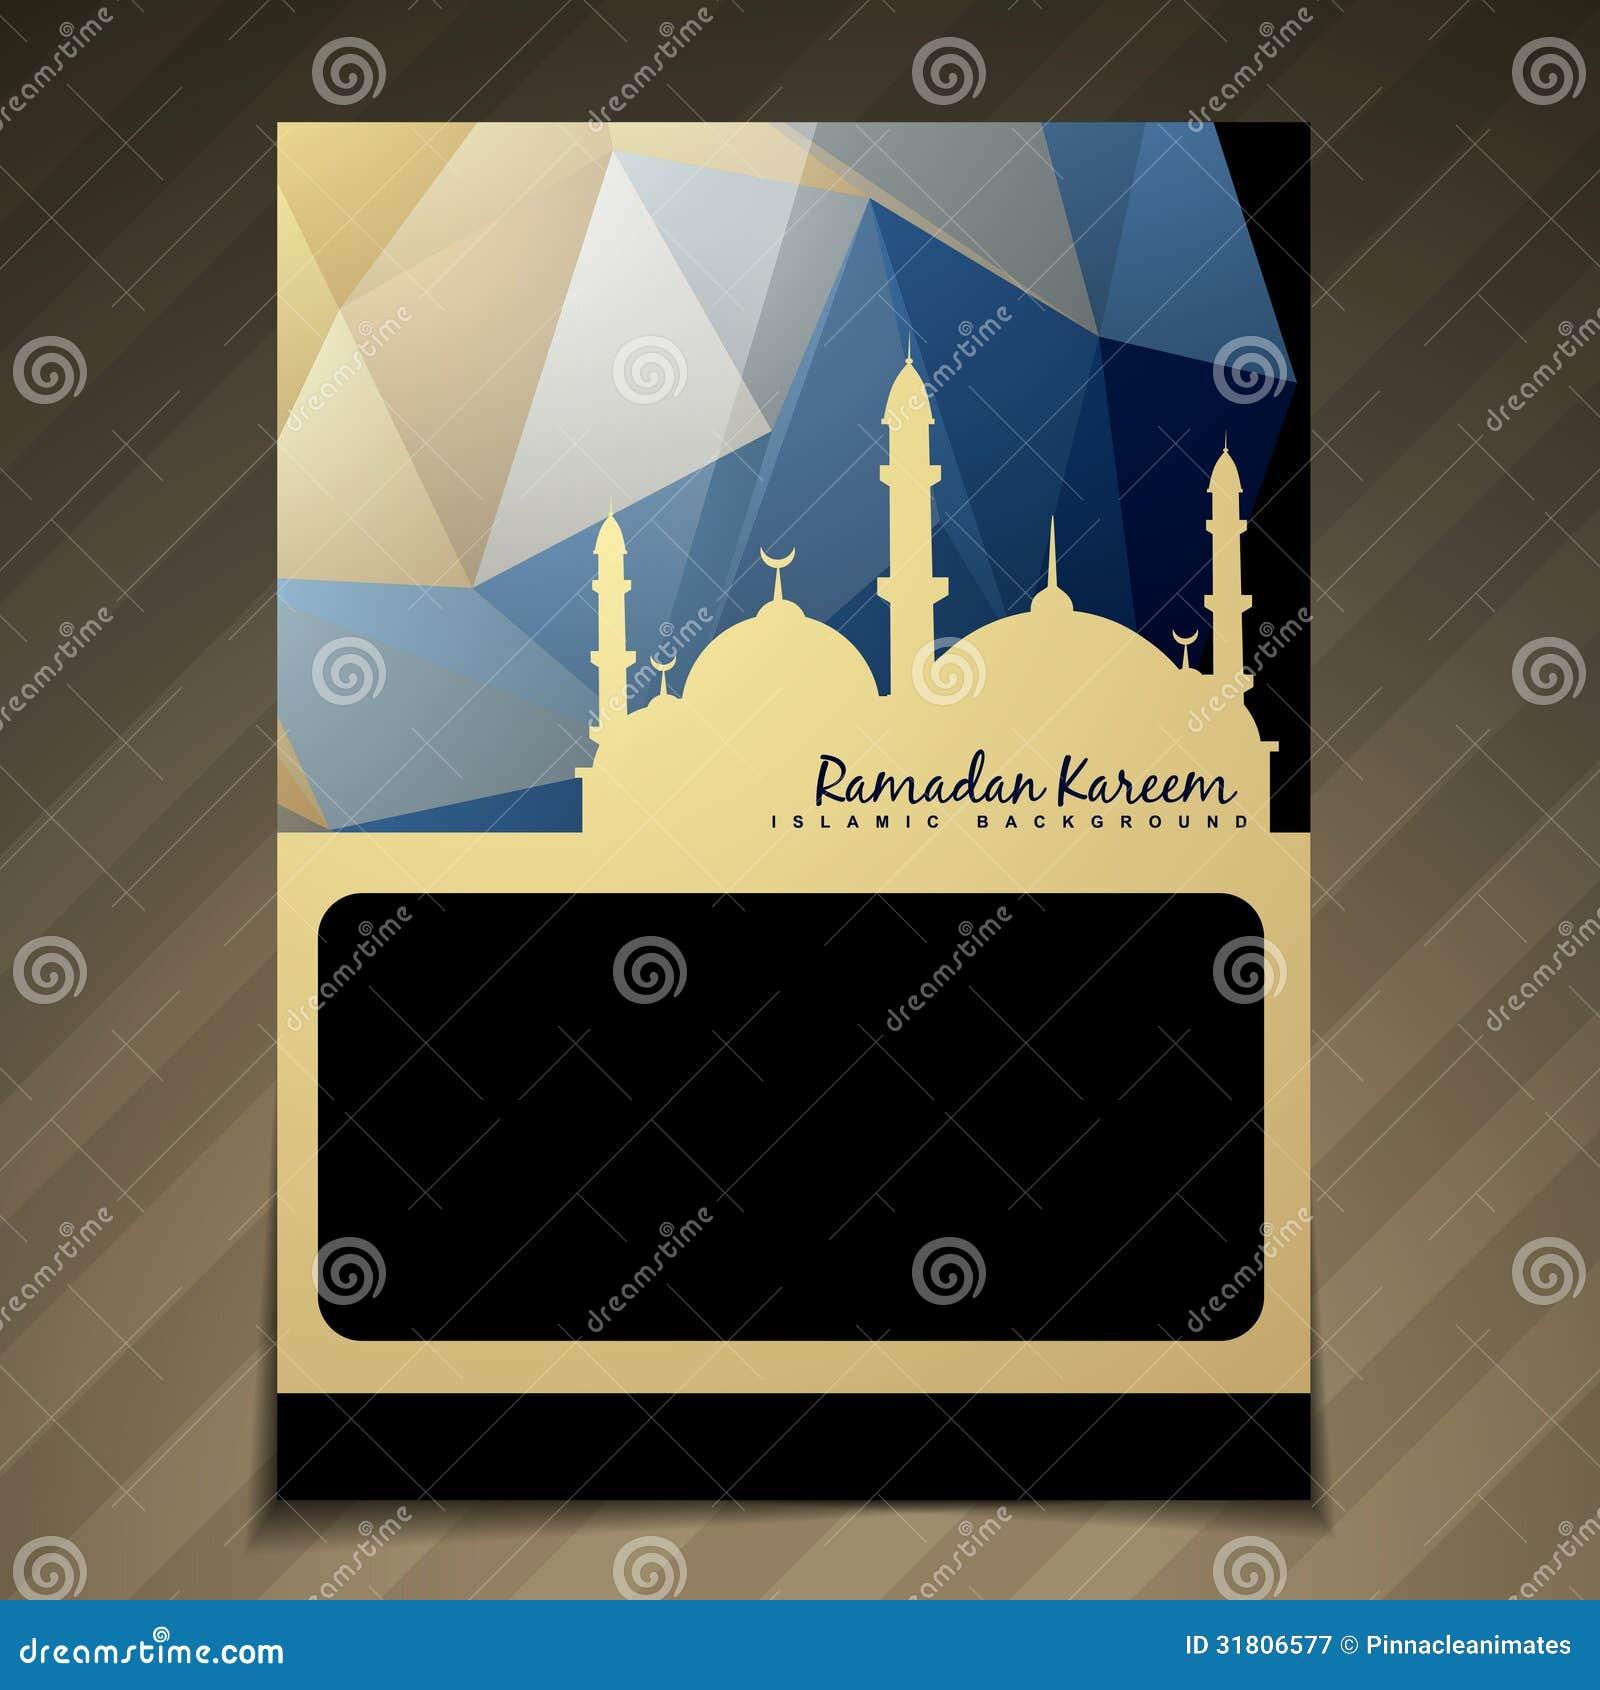 Islamic Brochure Deesign Stock Vector Image Of Mosque